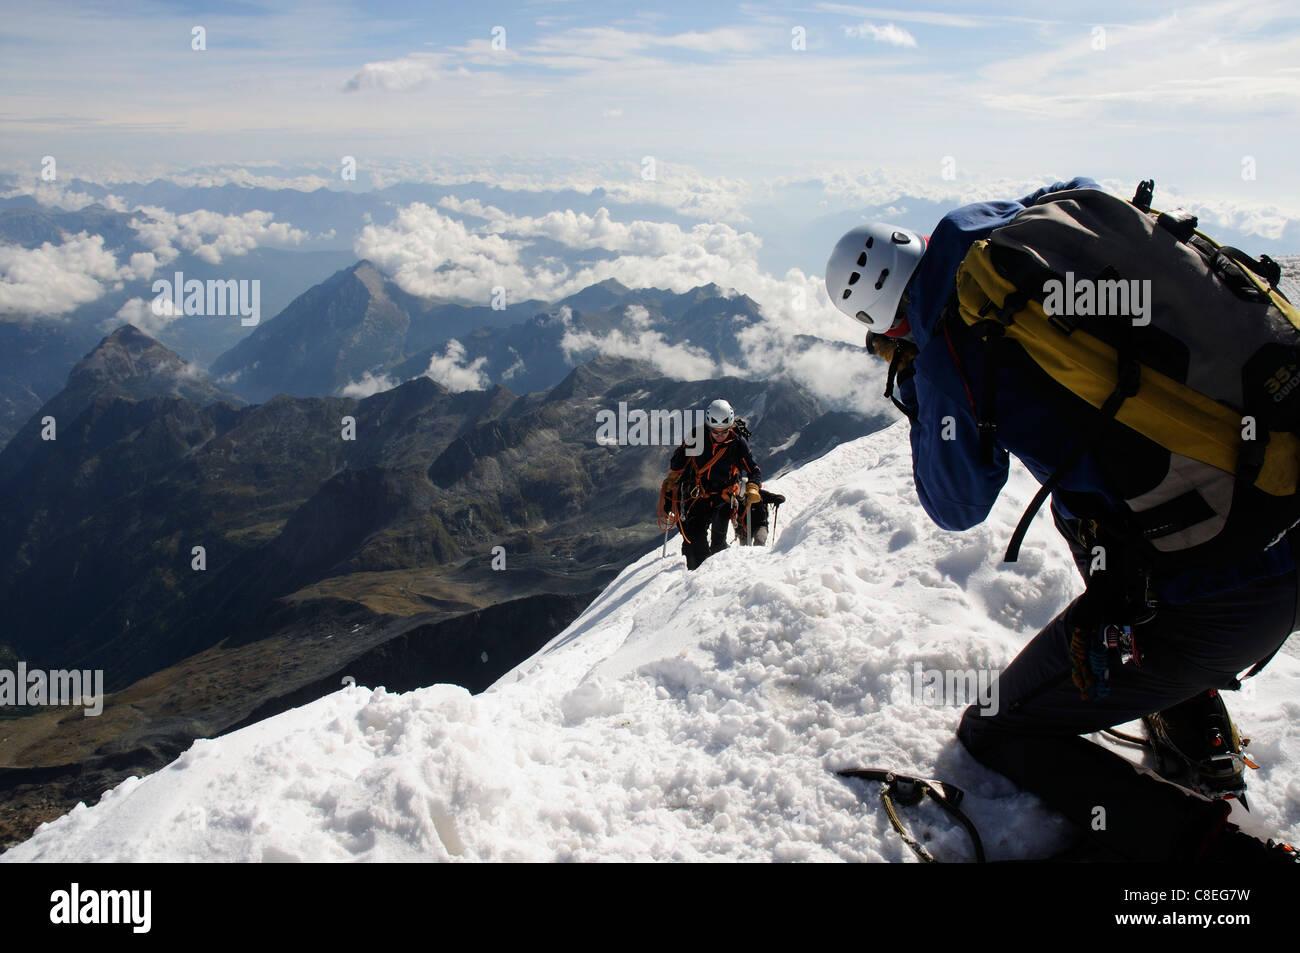 Un photographe à prendre des photos que d'une équipe de grimpeurs atteindre le sommet d'un pic Photo Stock